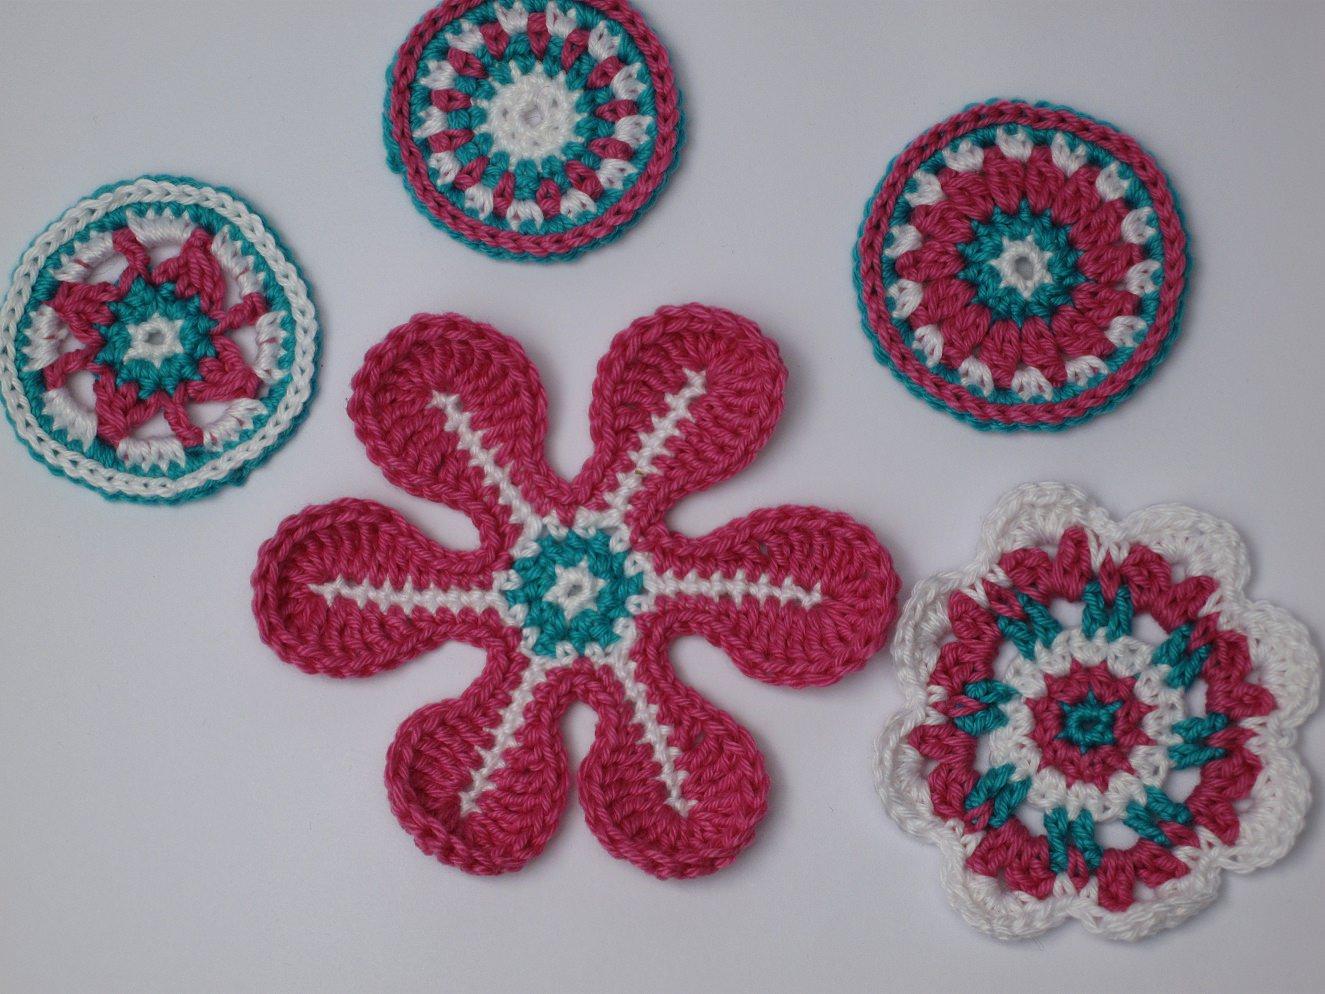 Kleinesbild - Applikations Set: Häkelblumen, Rosetten in : Weiß, Pink, Türkis